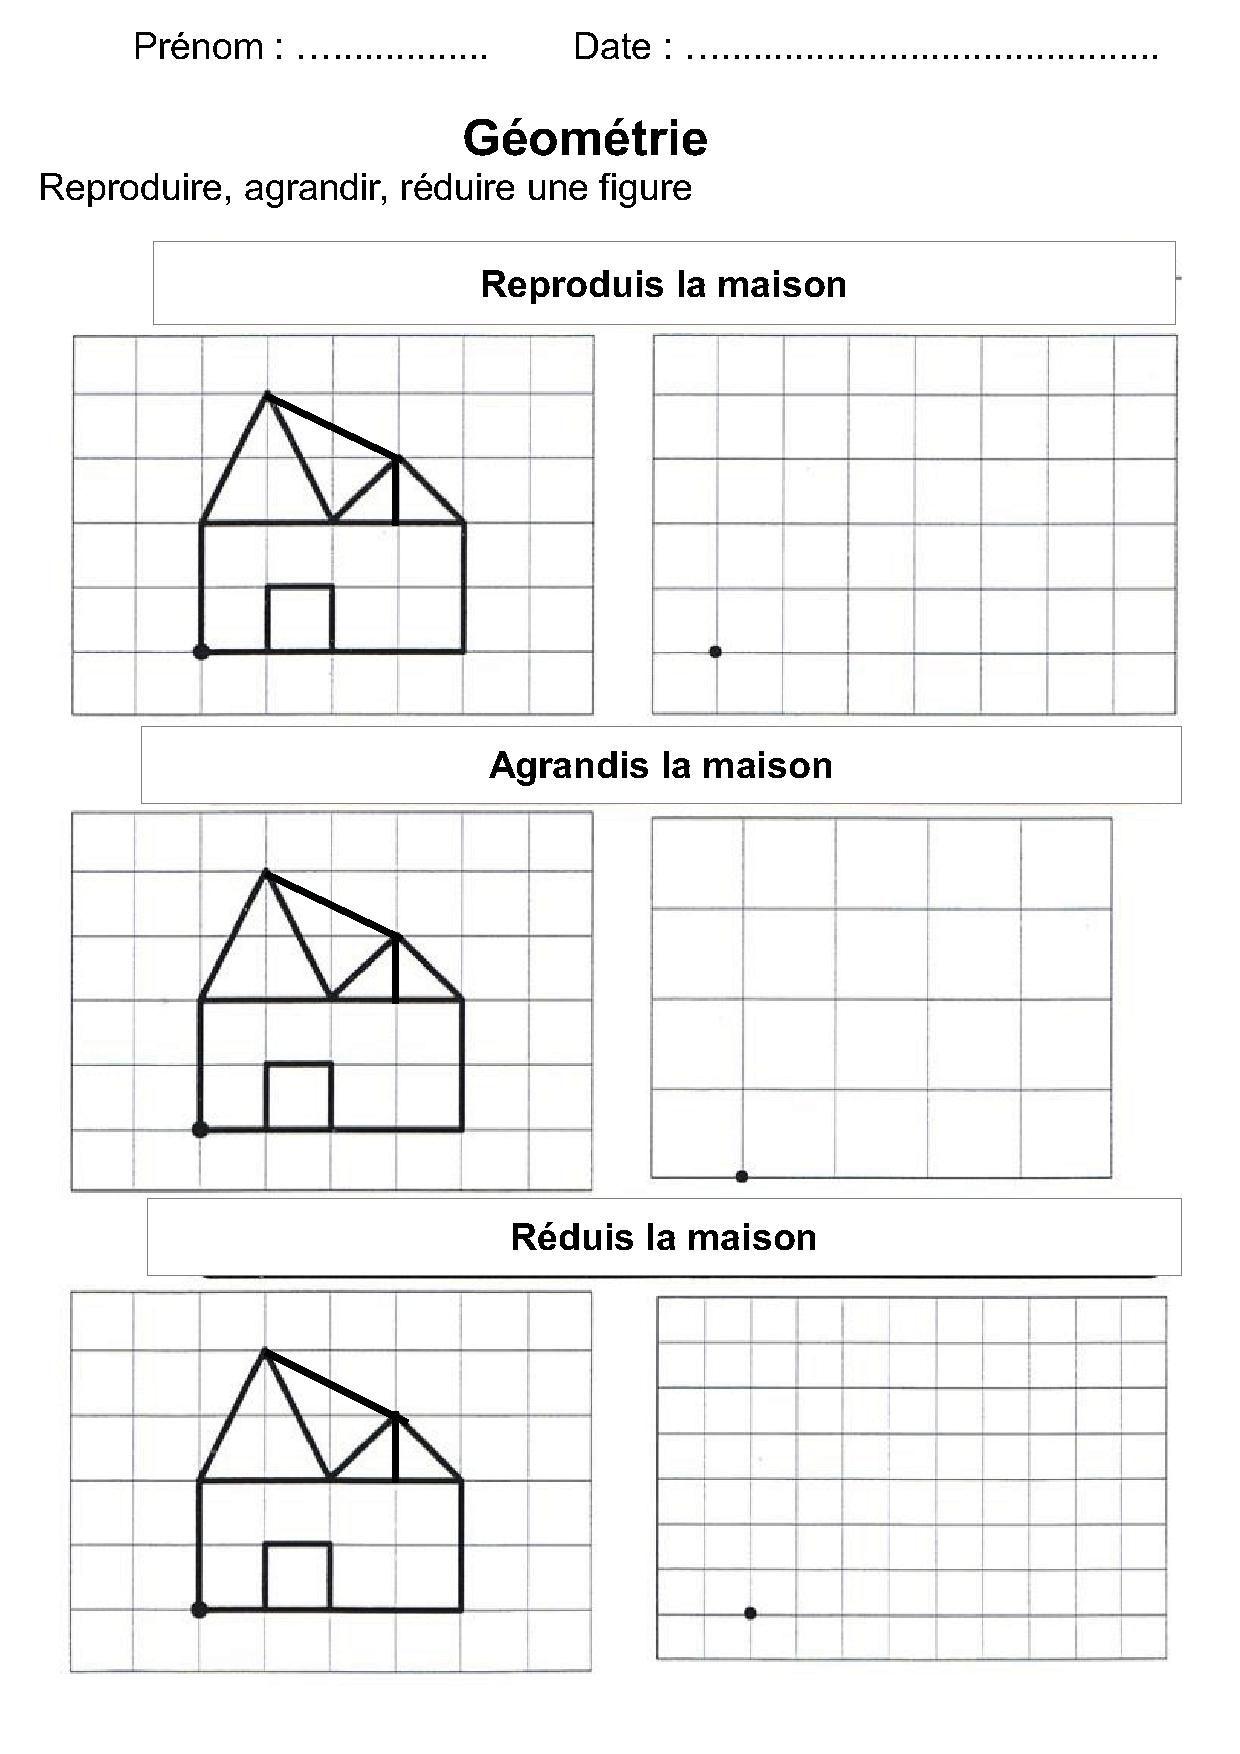 Géométrie Ce1,ce2,la Symétrie,reproduire Une Figure à Reproduction Sur Quadrillage Cm1 A Imprimer